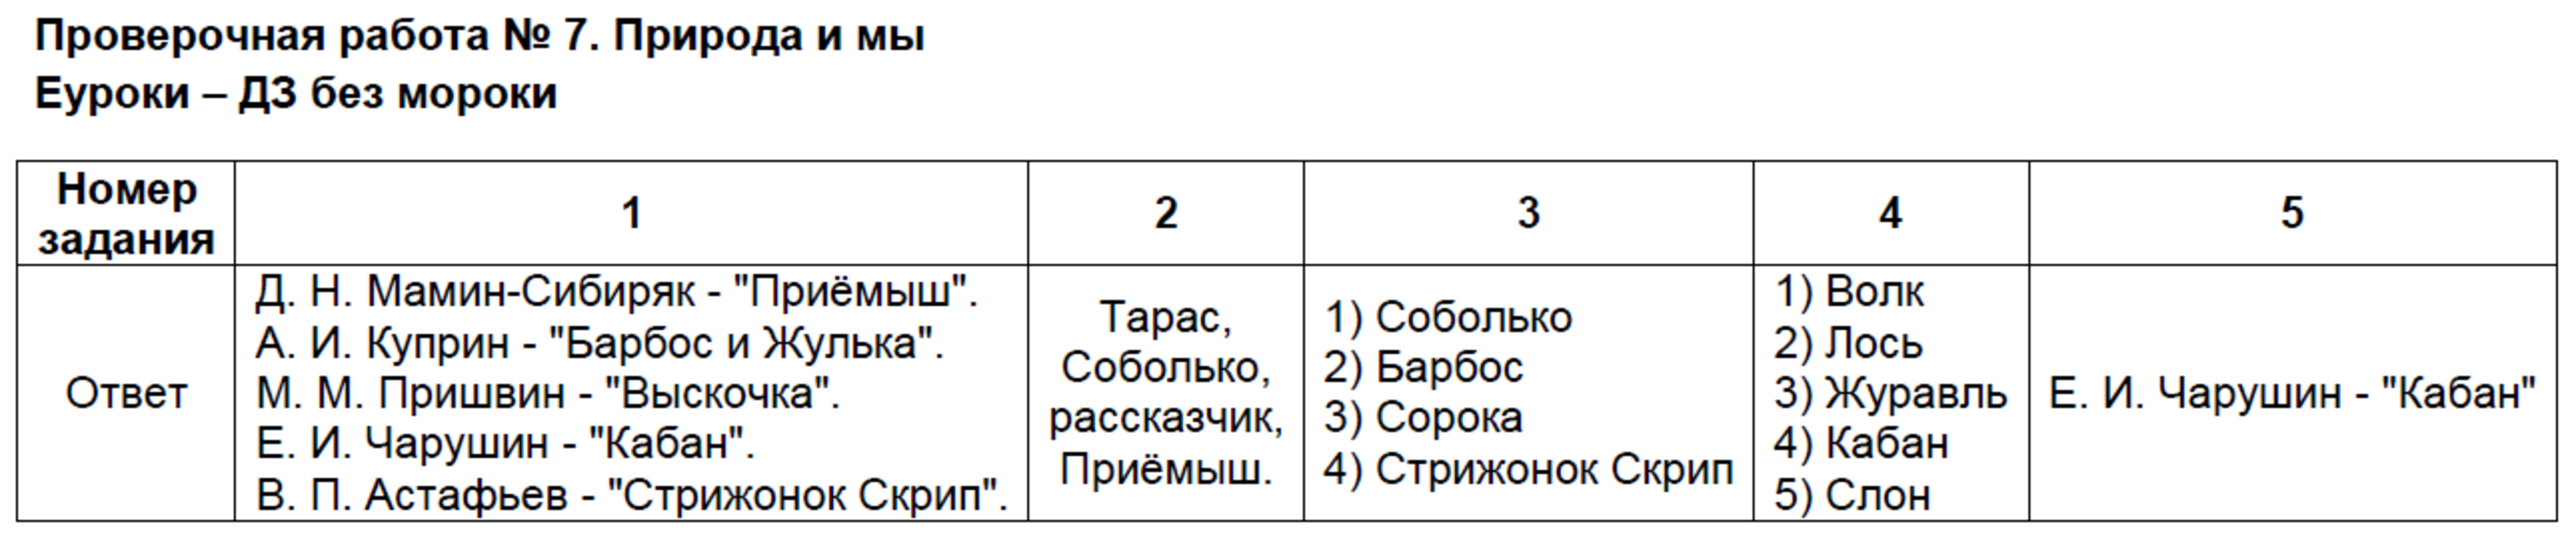 ГДЗ по литературному чтению 4 класс контрольно-измерительные материалы Шубина Проверочные работы. Задание: Проверочная работа №7. Природа и мы